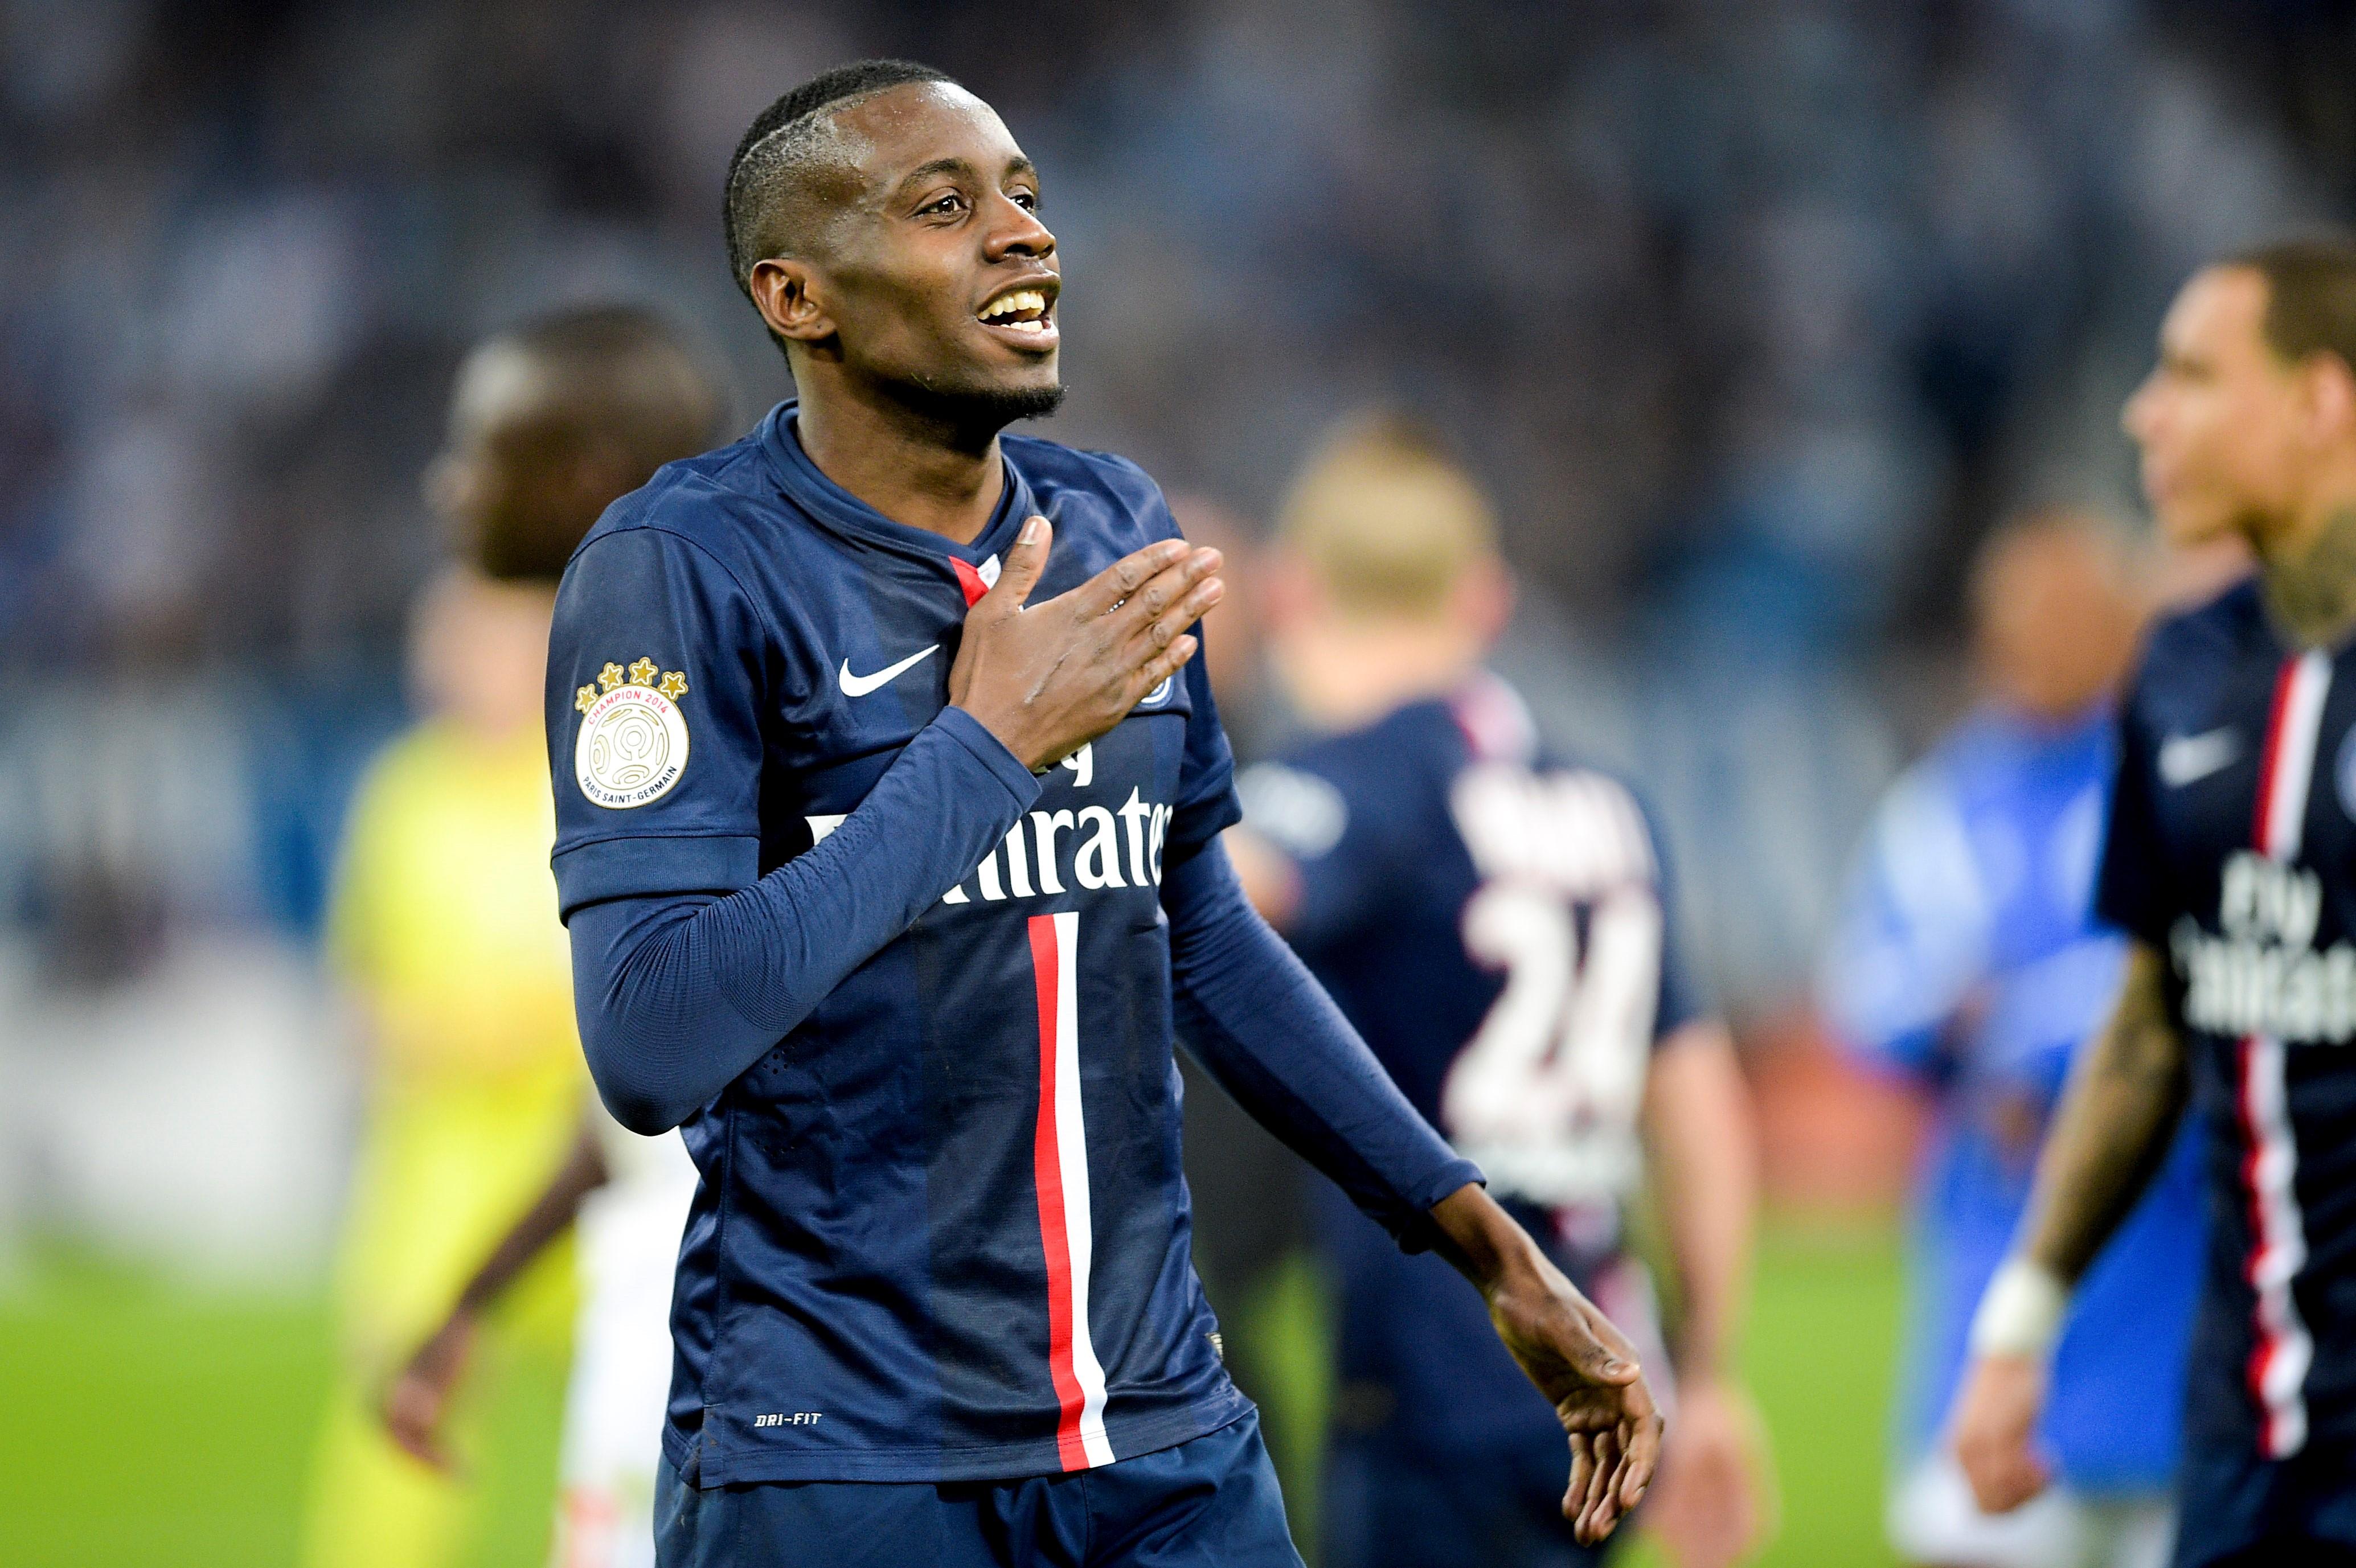 Football - Ligue 1 - Matuidi fête ses 33 ans : ses plus beaux buts avec le Paris Saint-Germain